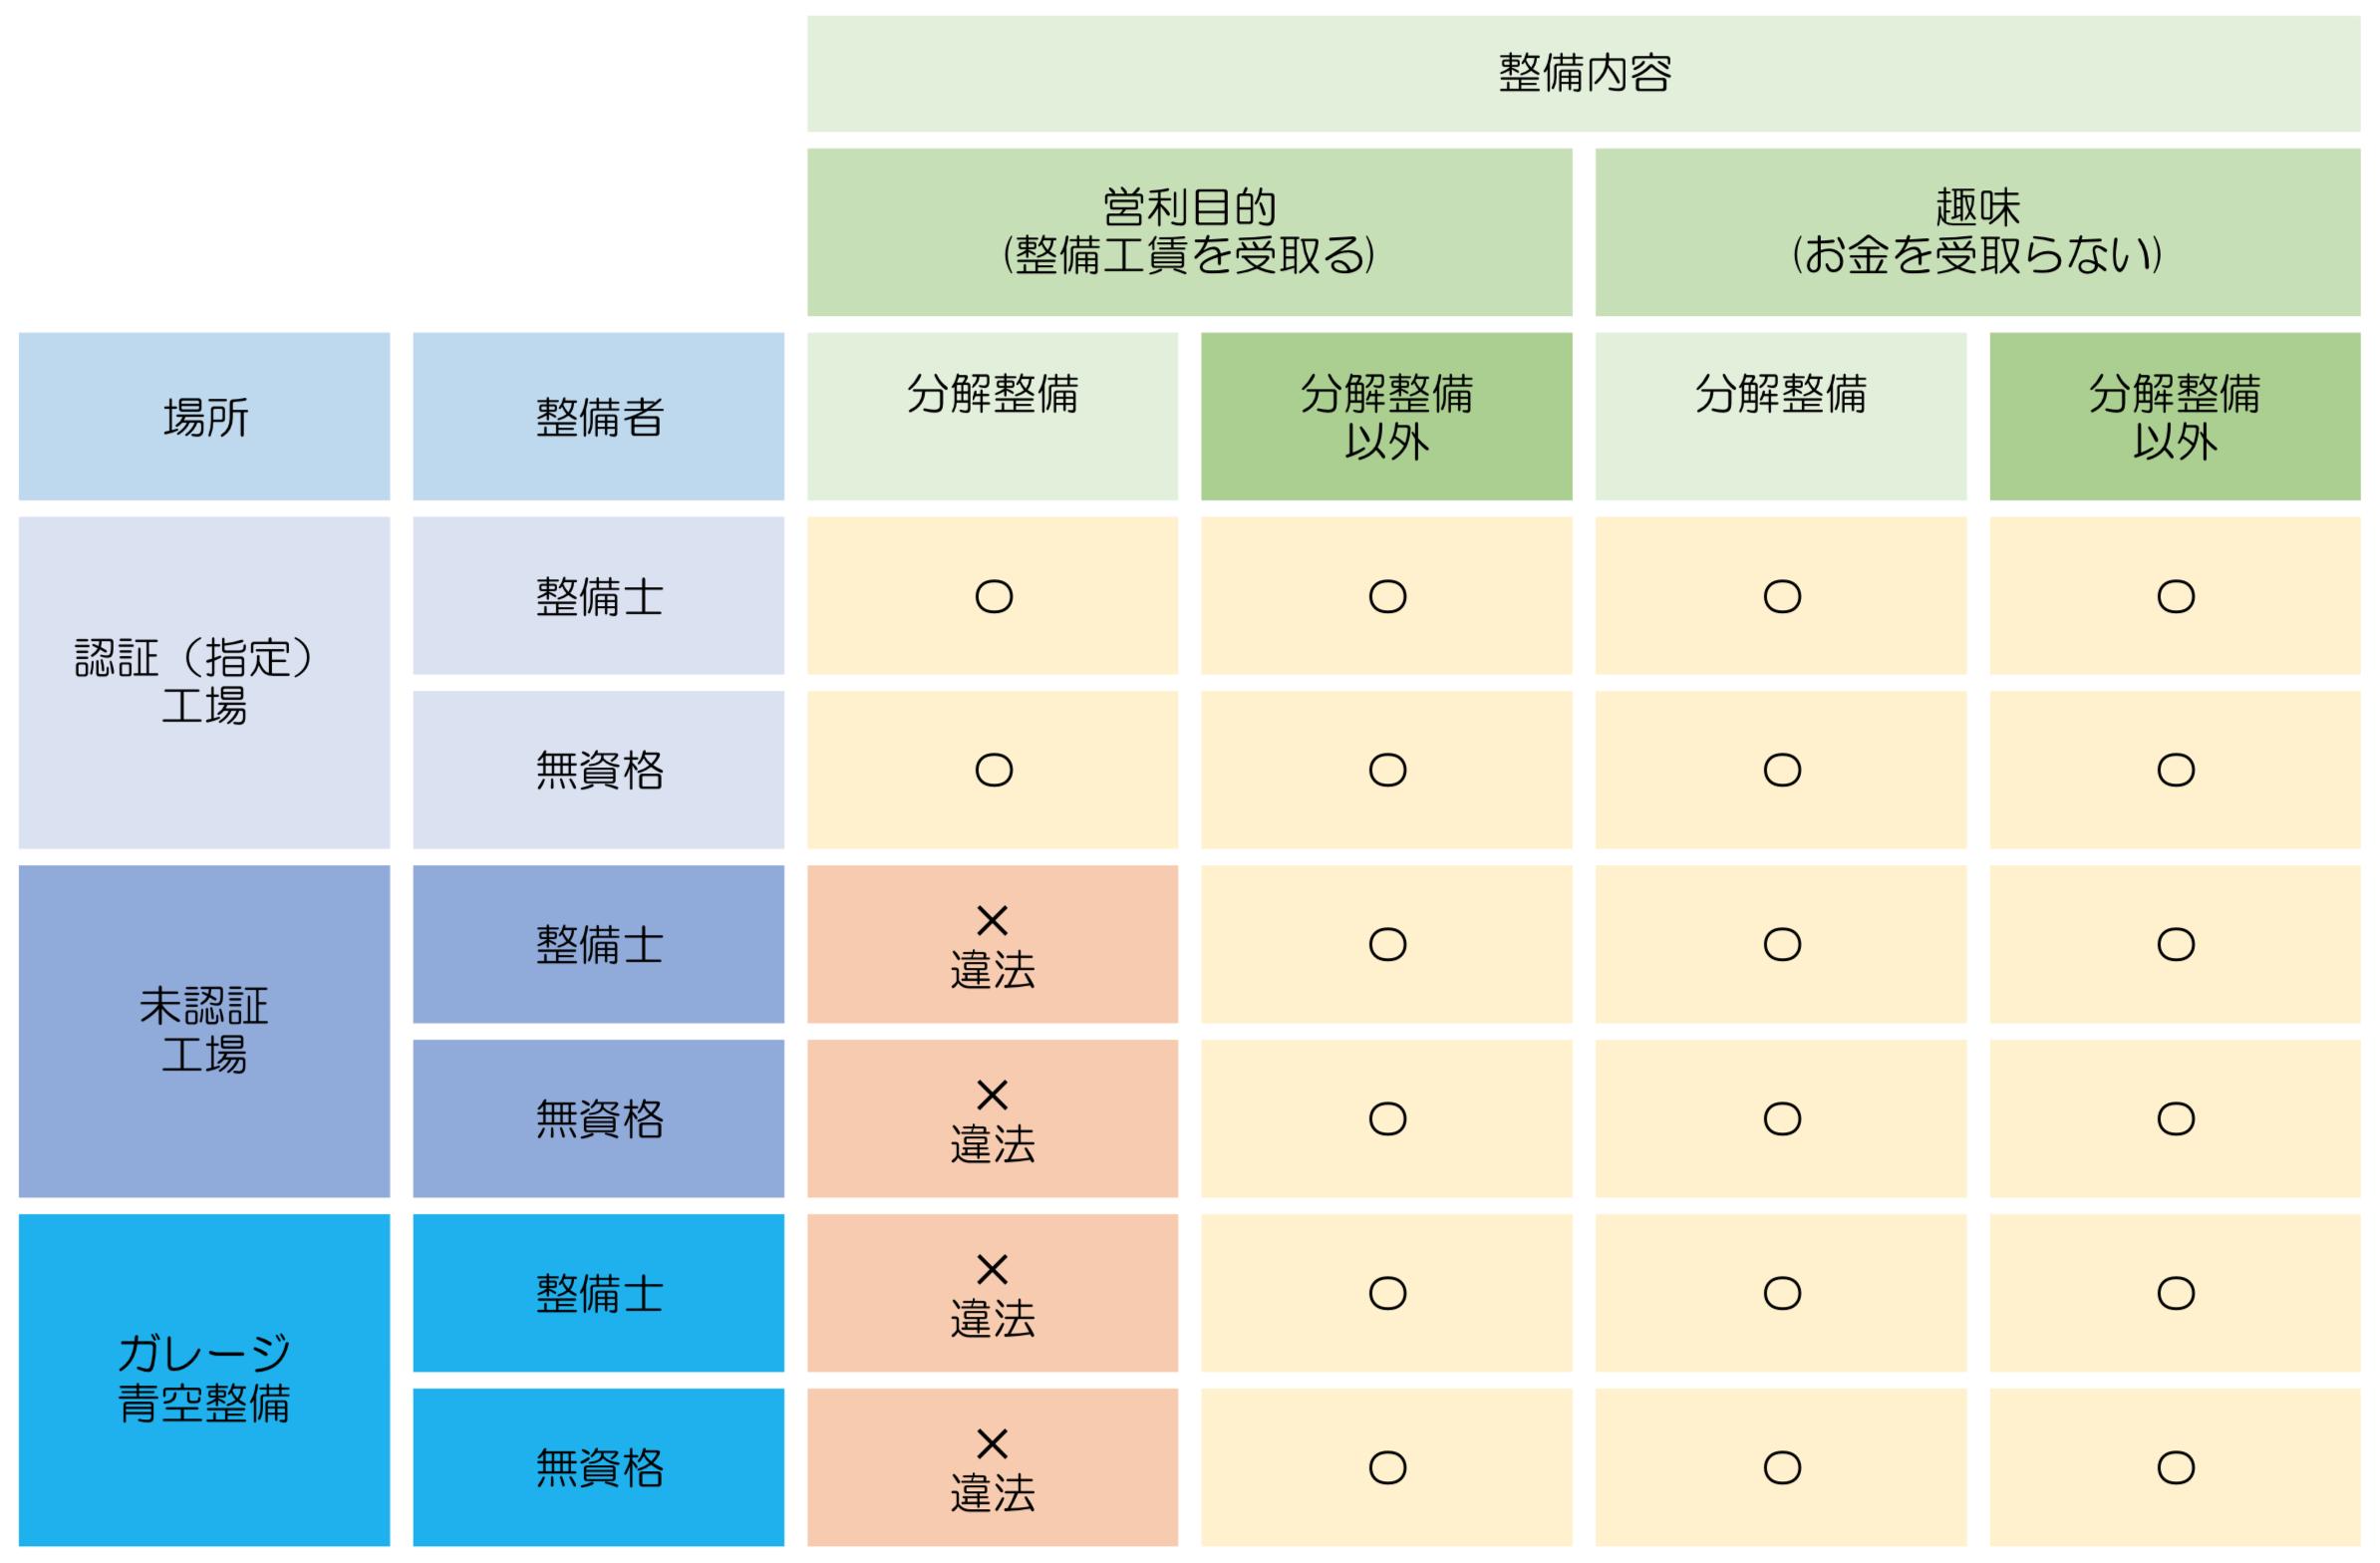 違法整備のまとめ表